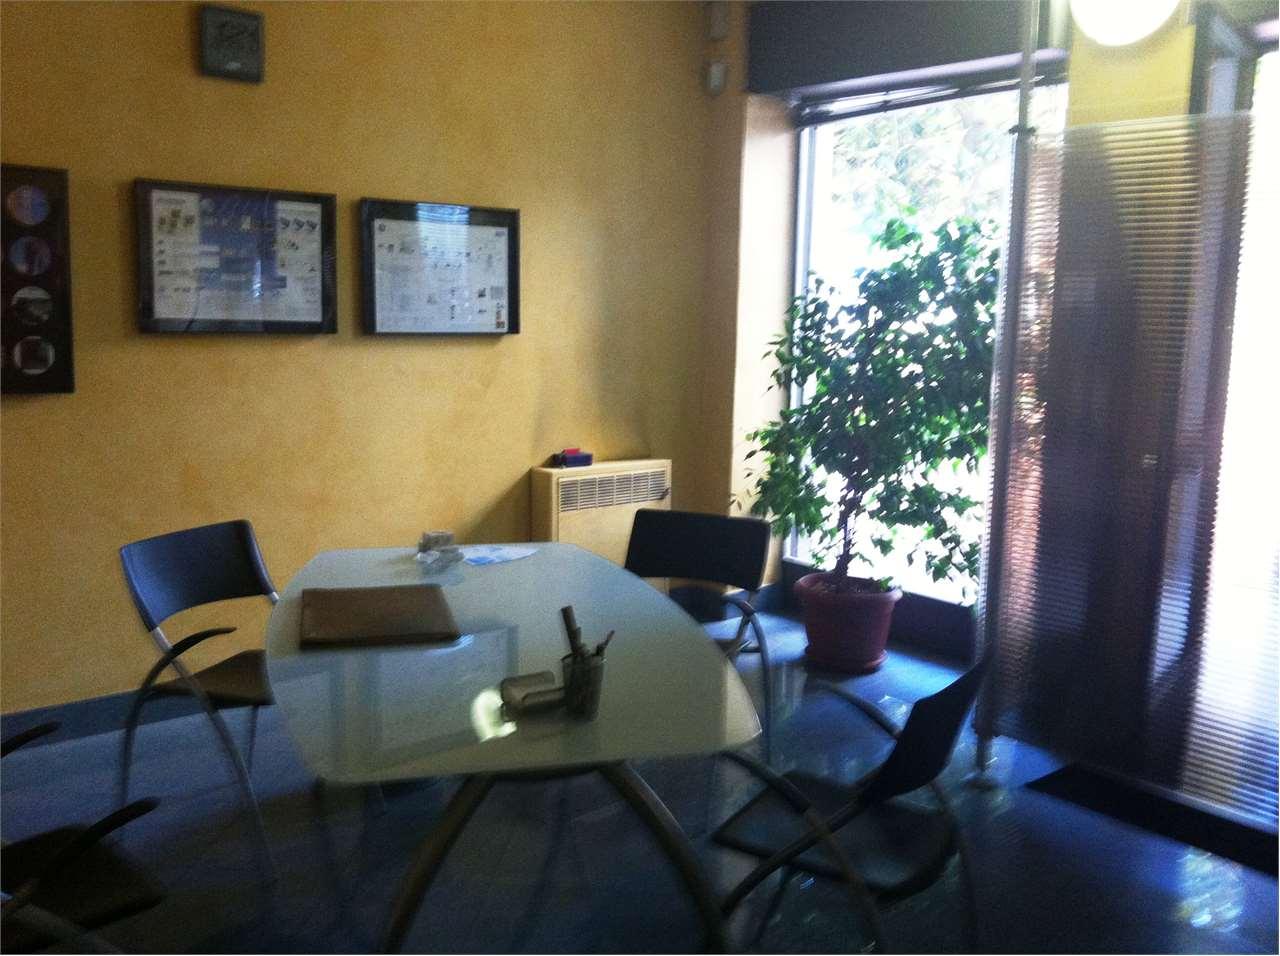 Negozio / Locale in vendita a Lipomo, 1 locali, prezzo € 69.000 | Cambio Casa.it